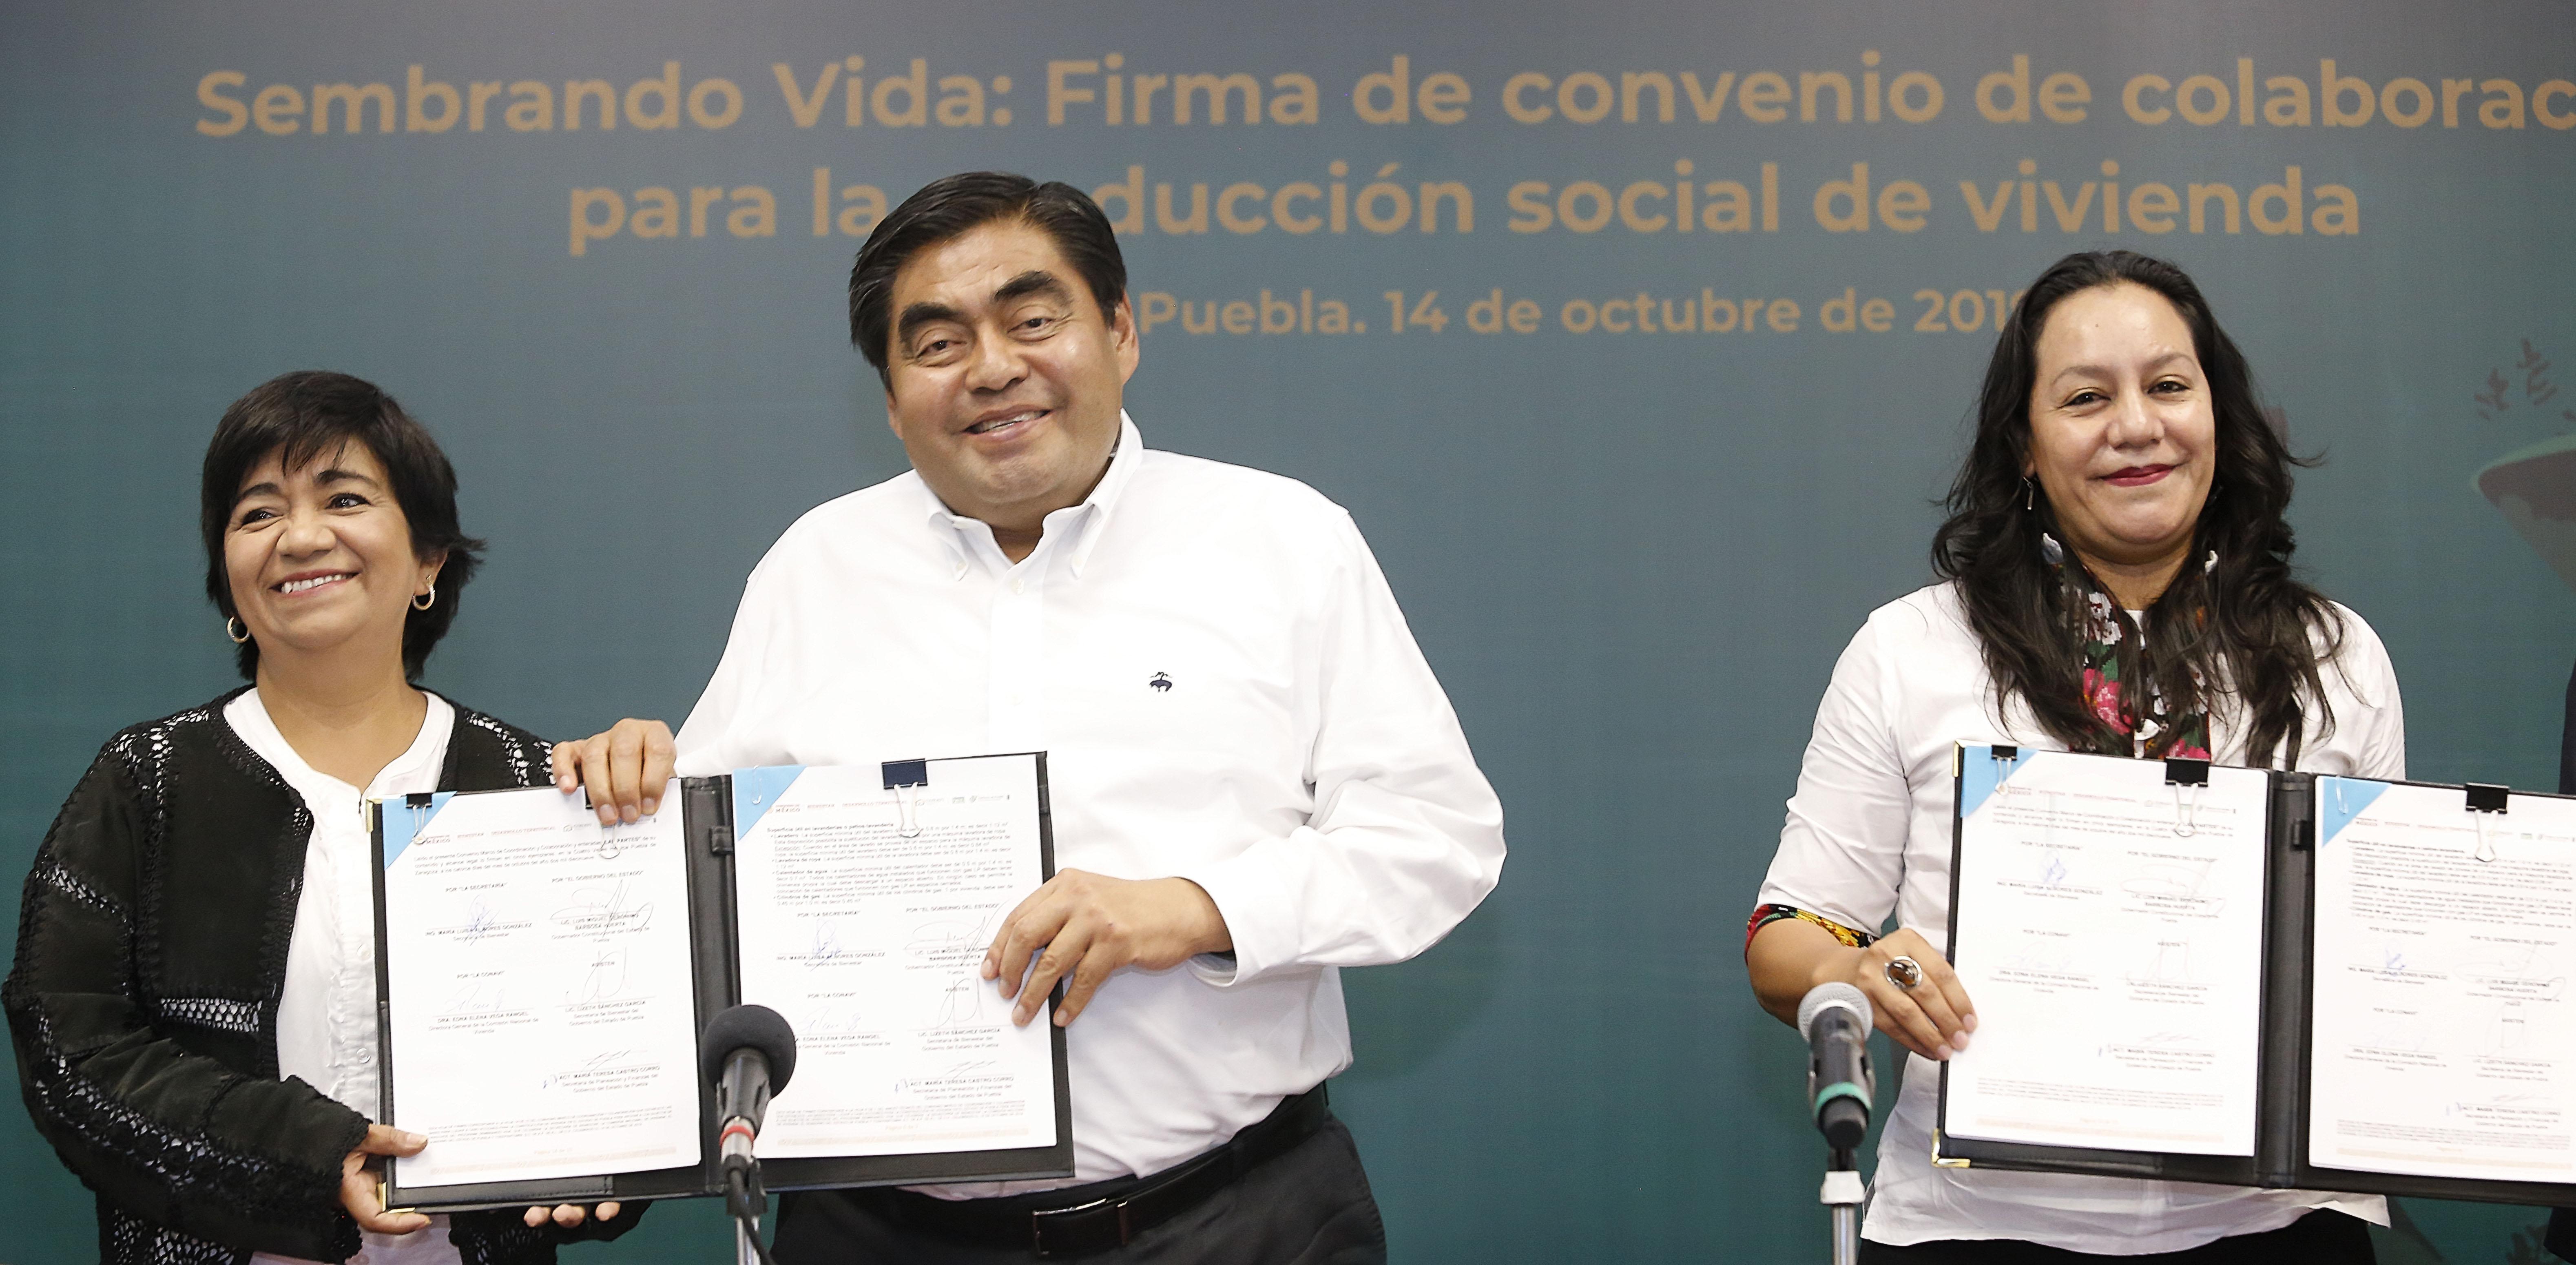 Construirán 100 casas para campesinos en Puebla